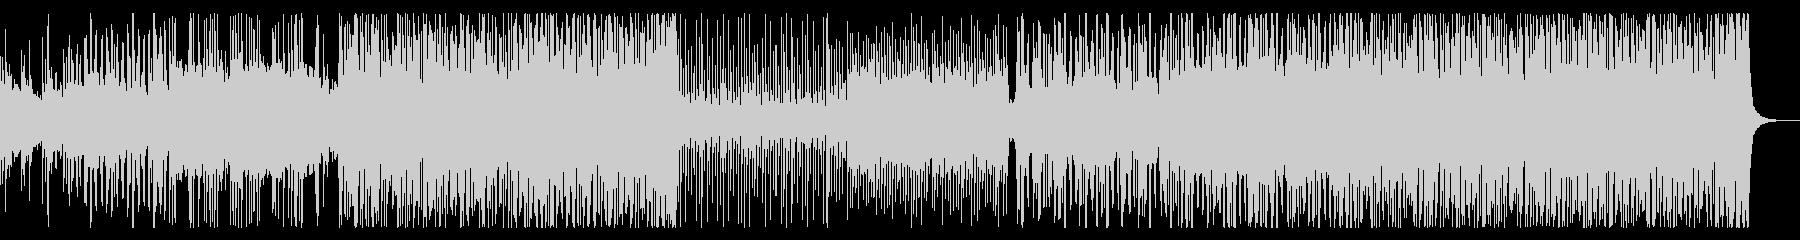 太鼓や和楽器を強調した和風アシッドテクノの未再生の波形